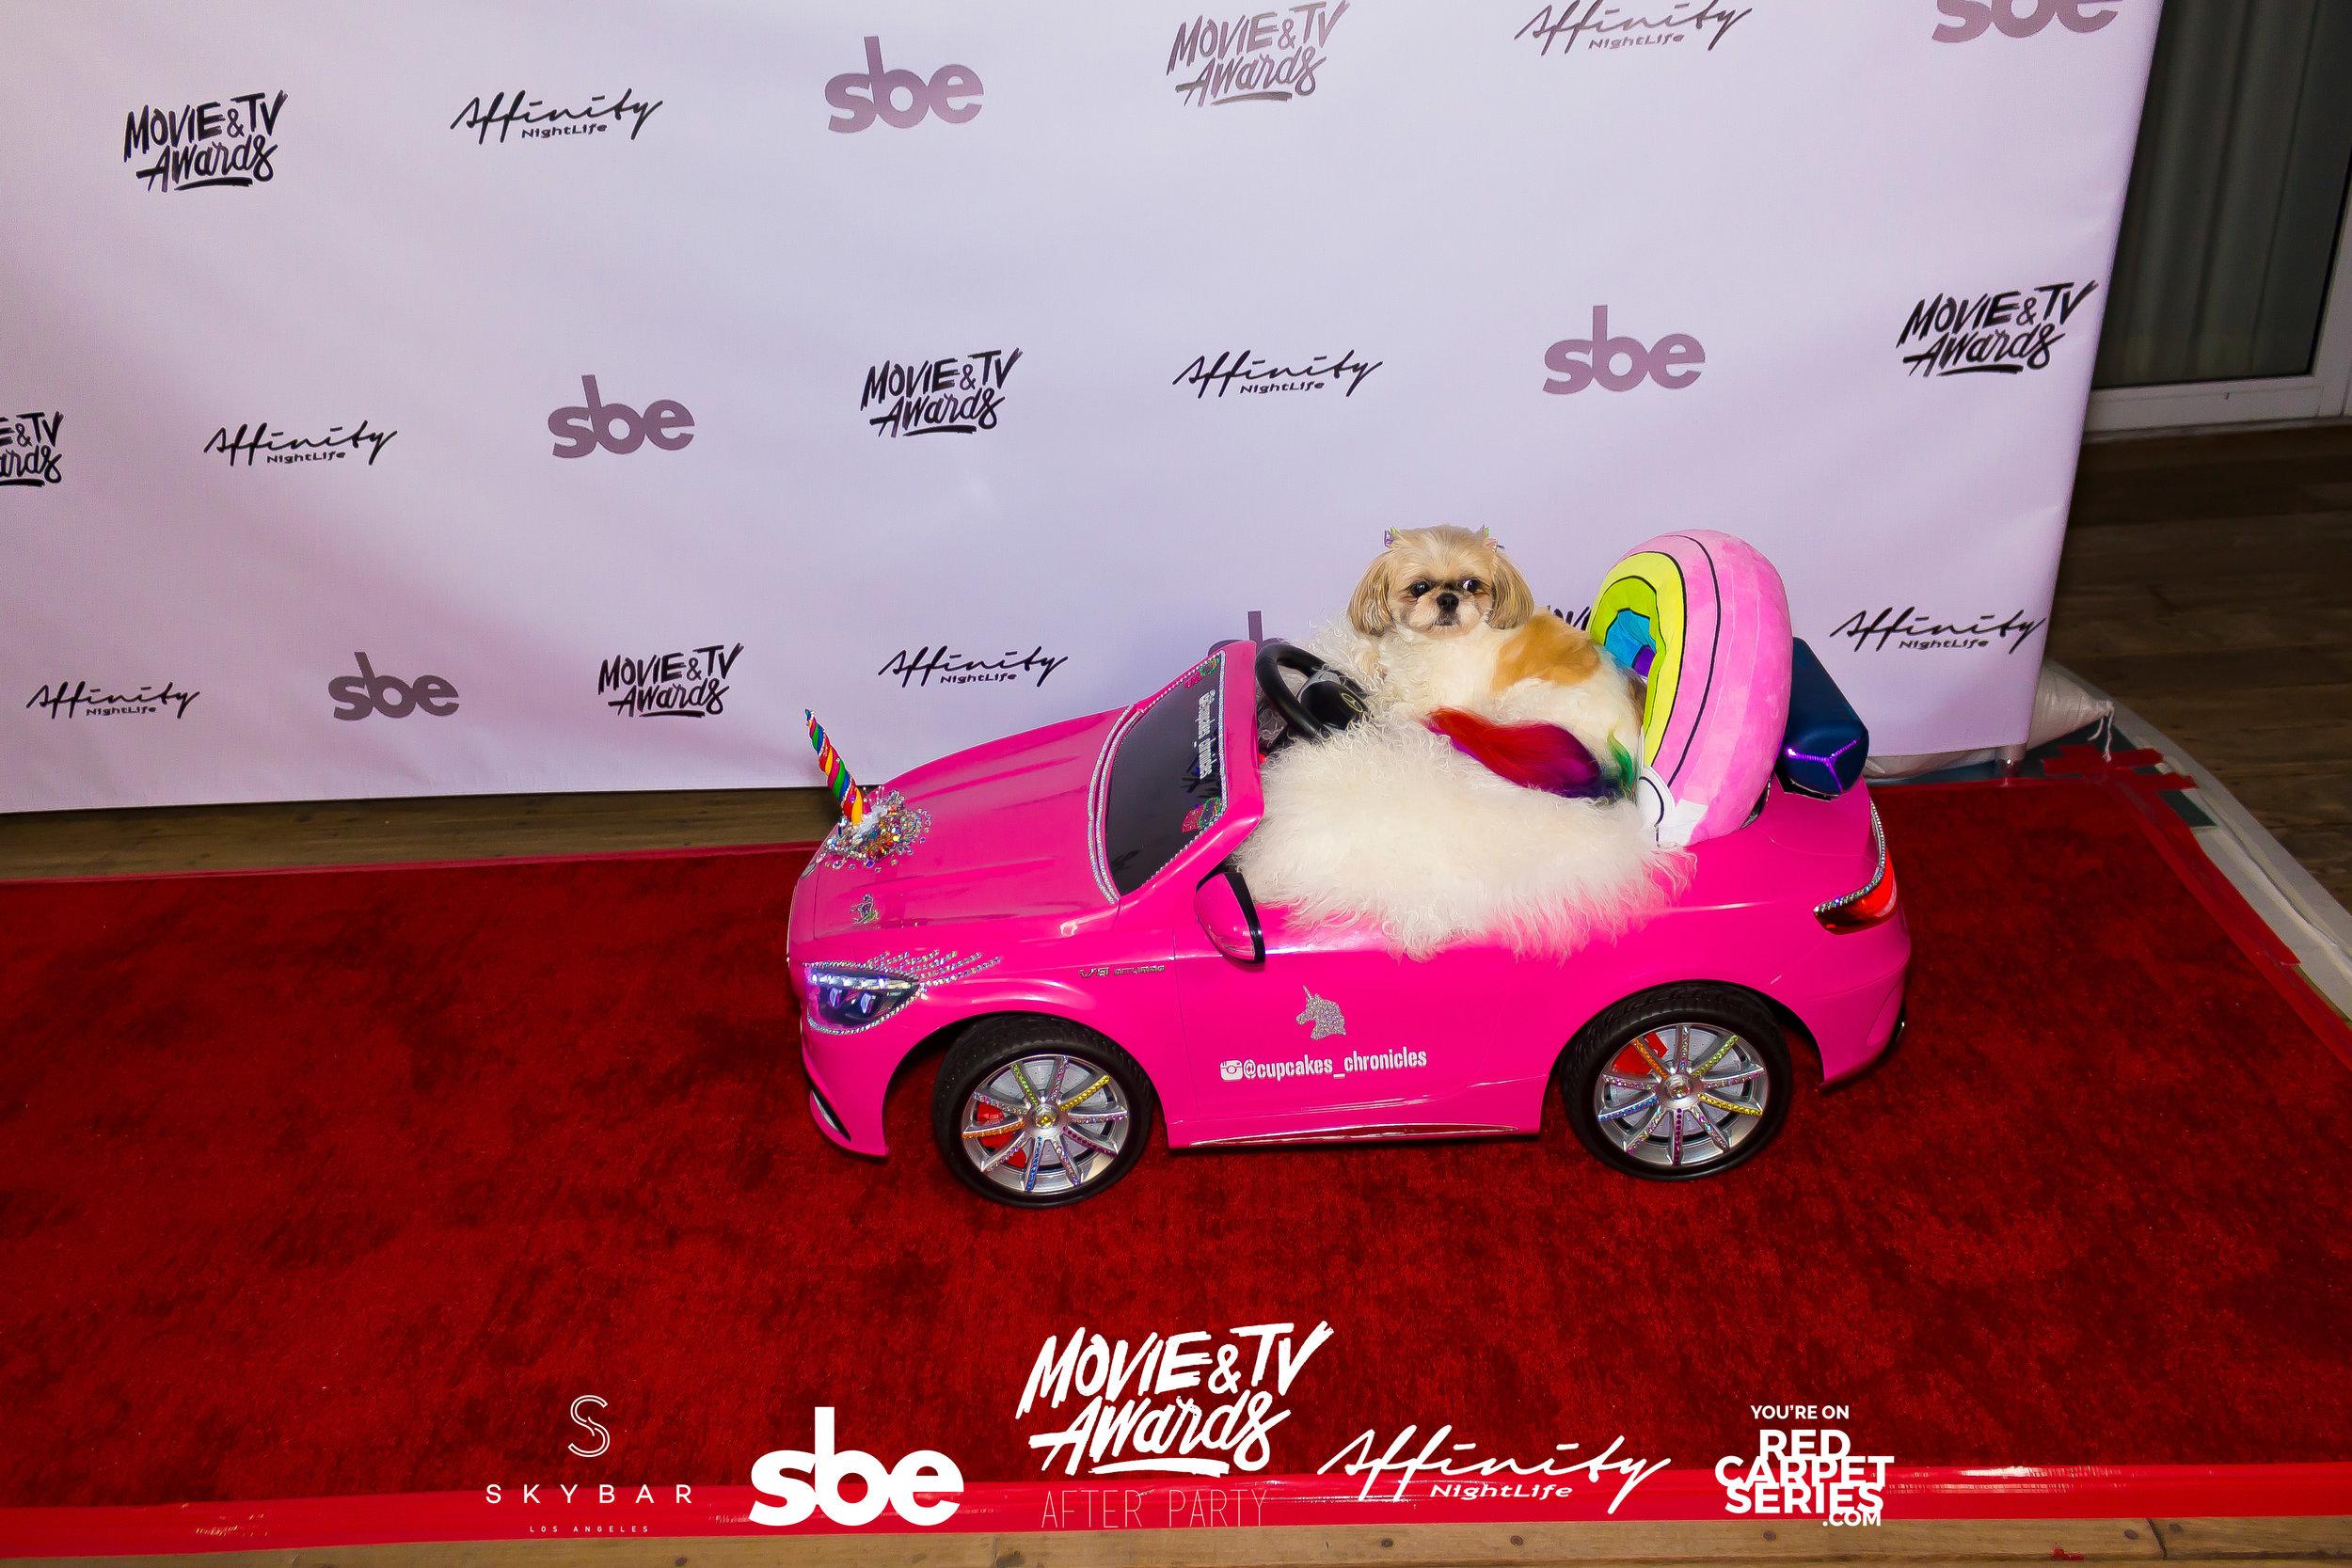 Affinity Nightlife MTV Movie & TV Awards After Party - Skybar at Mondrian - 06-15-19 - Vol. 1_26.jpg